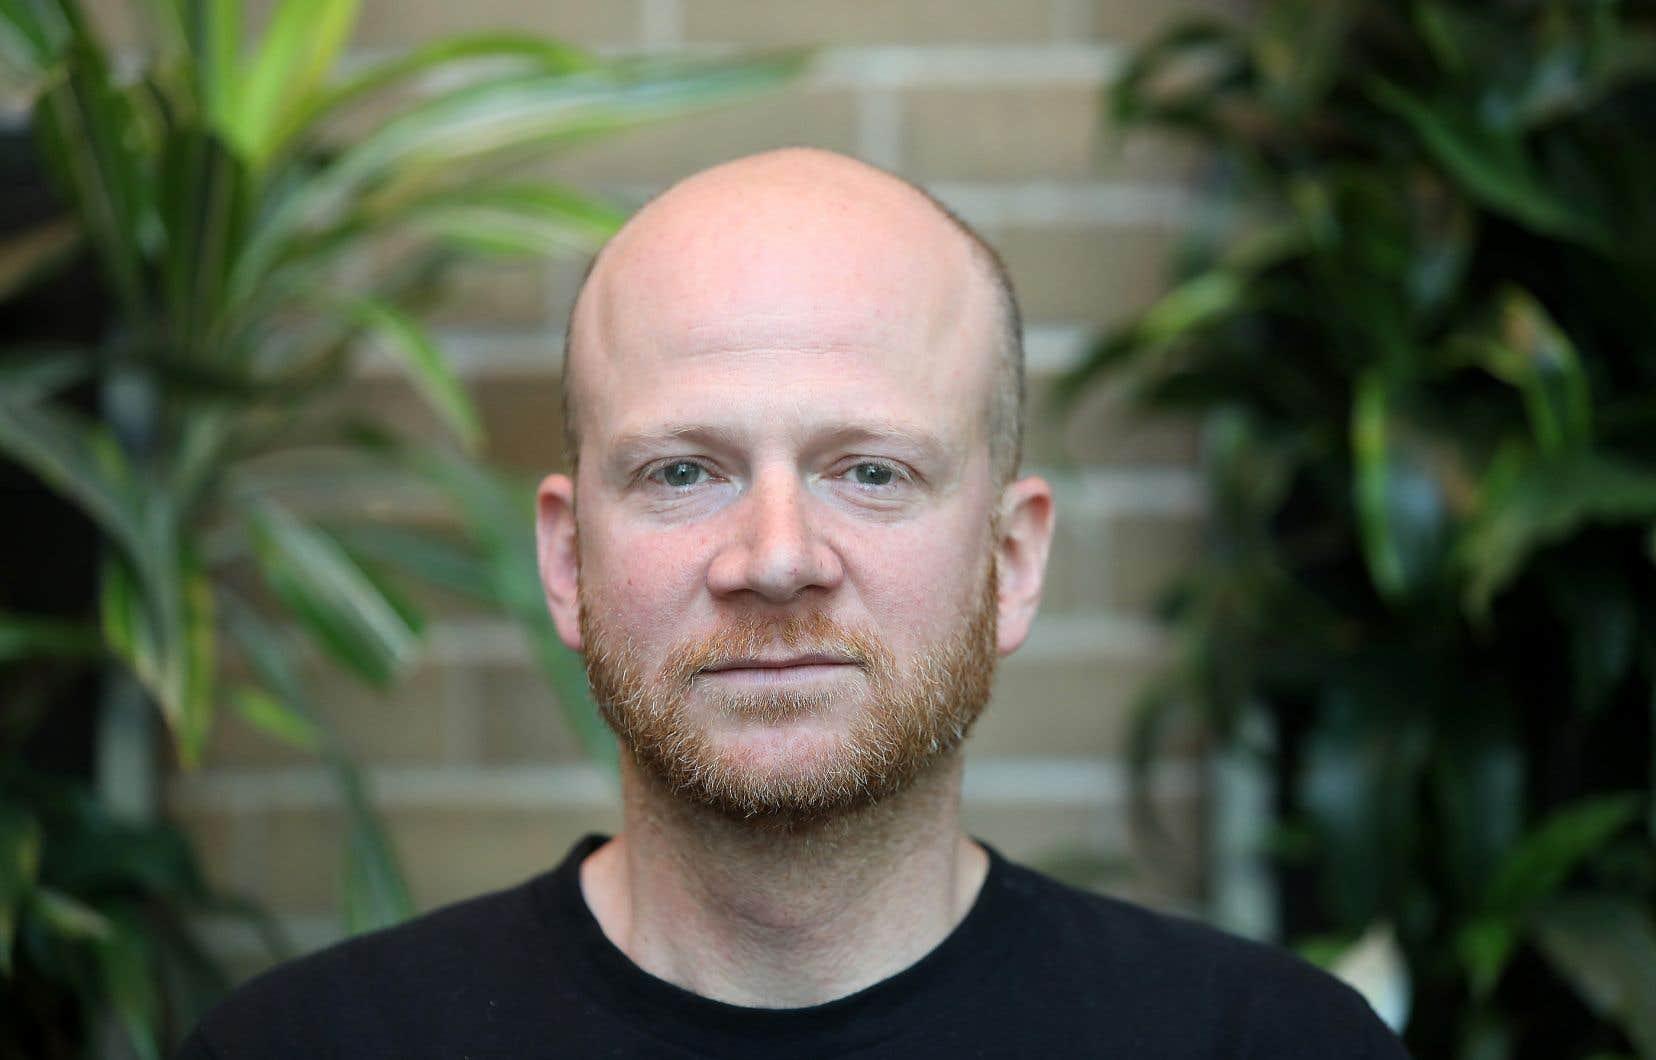 Emanuel Hoss-Desmarais